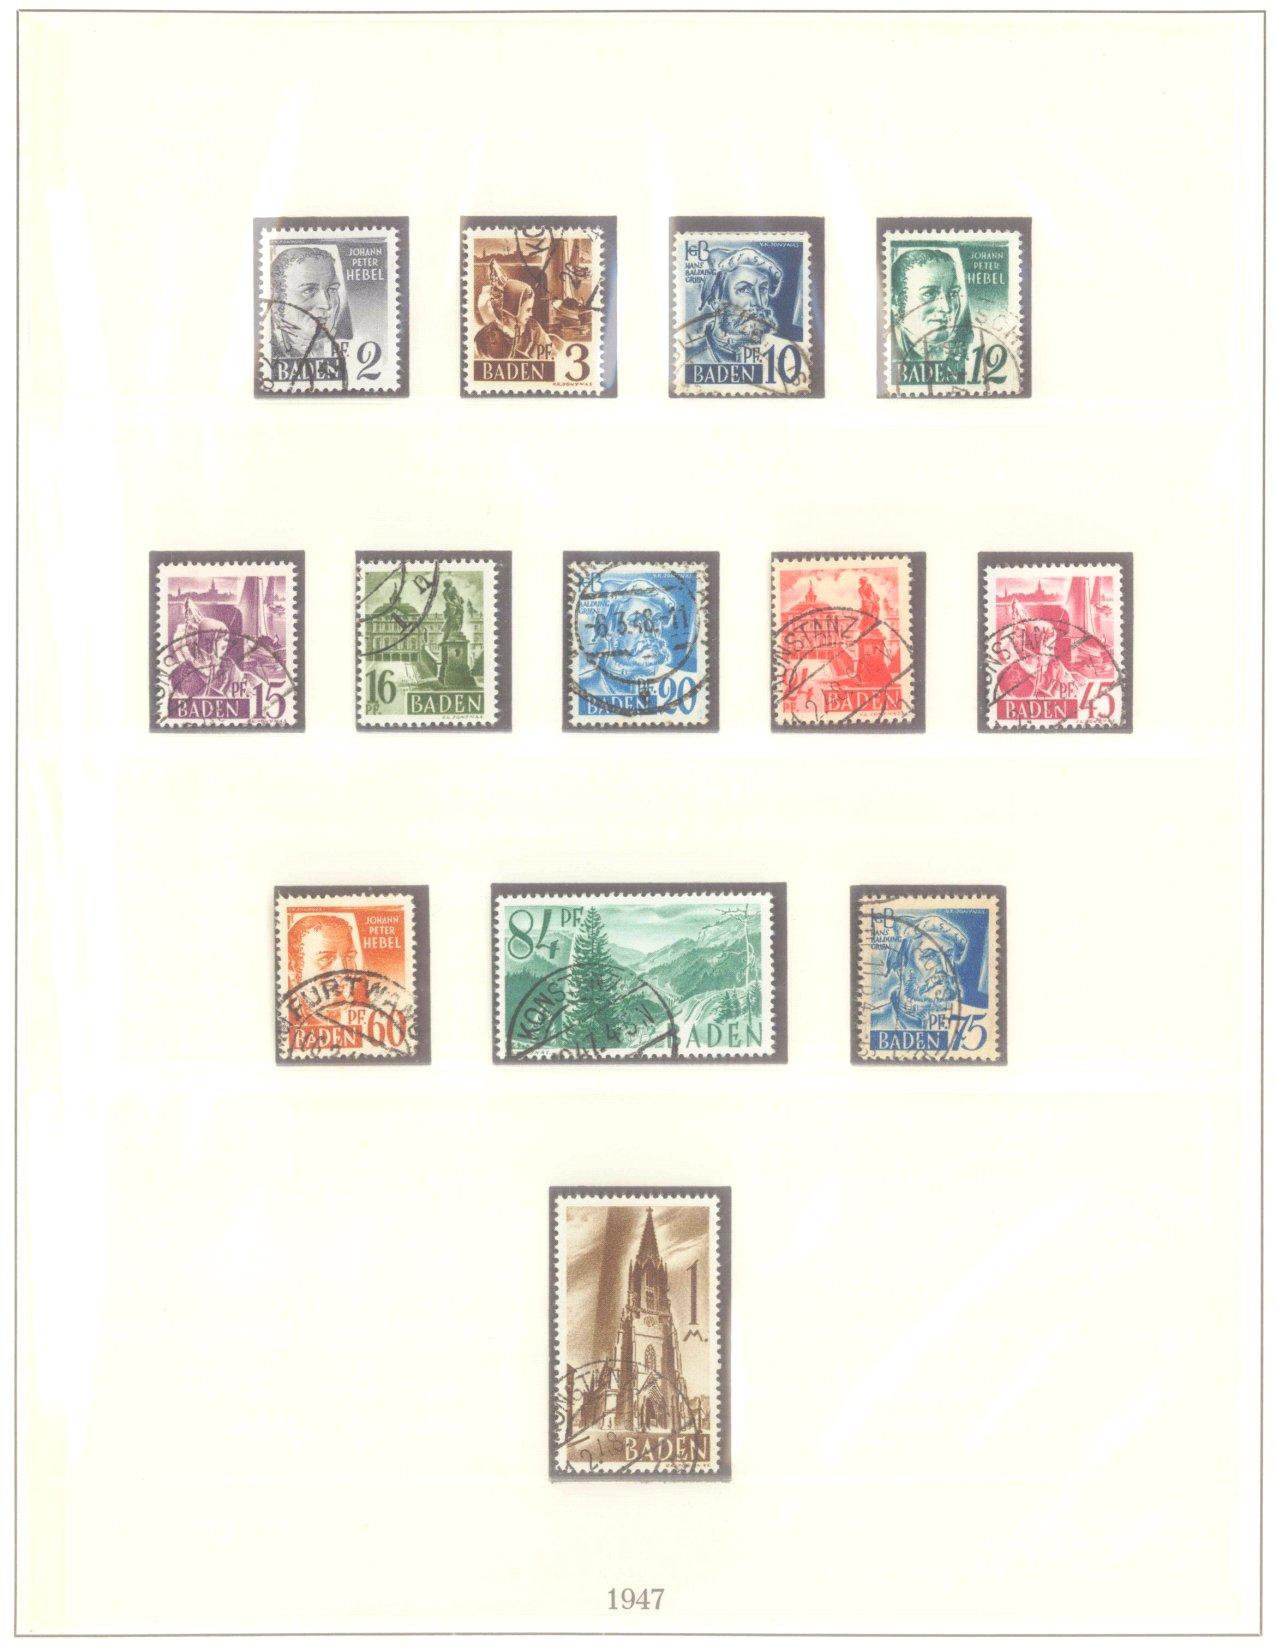 FRANZÖSISCHE ZONE BADEN 1947-1948, Freimarken (I-III)